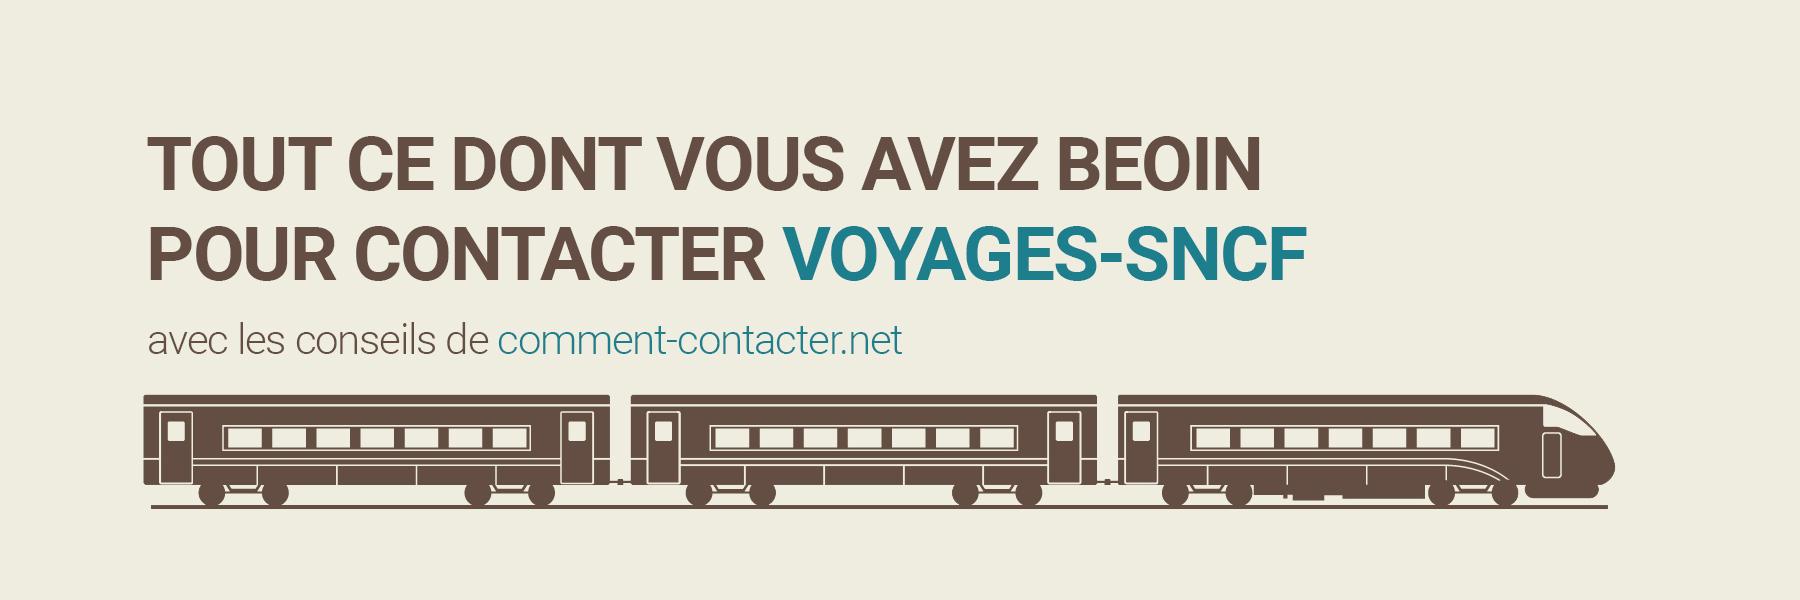 Comment contacter voyages service client sncf voyages - Comment contacter l afub ...